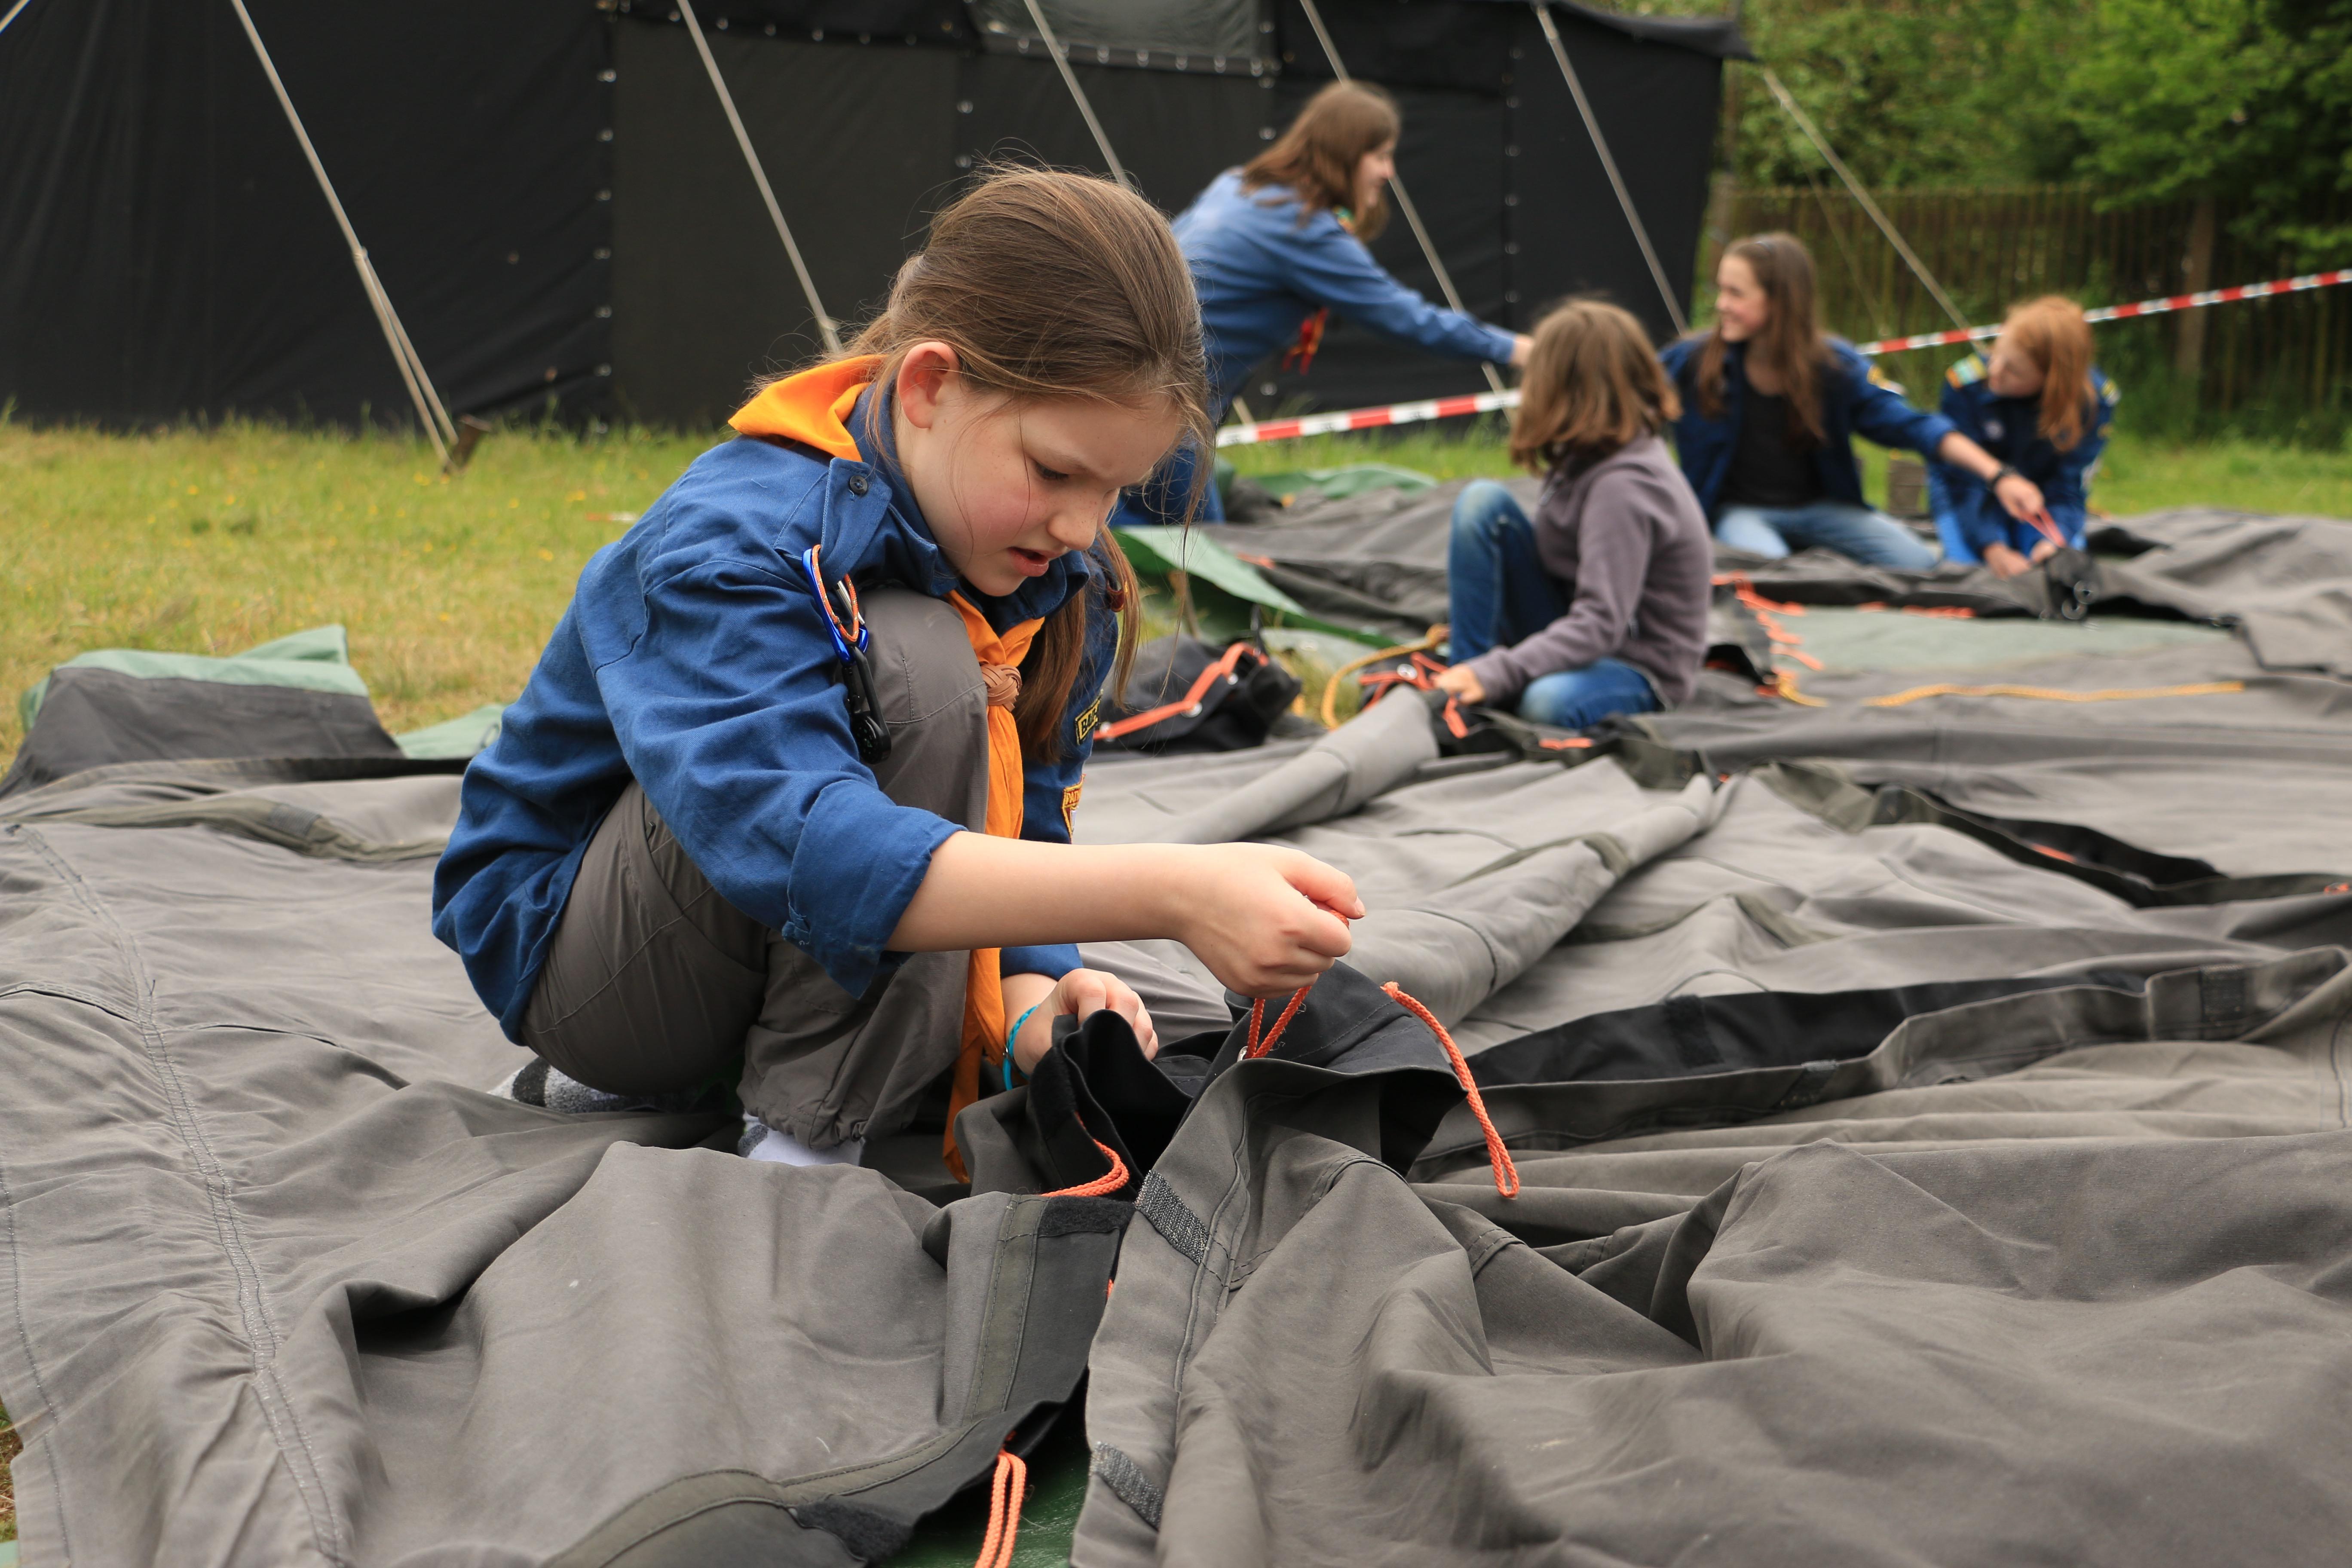 Gemeinsamer Aufbau des SDV Camps © [Anne-Kristin Werner]